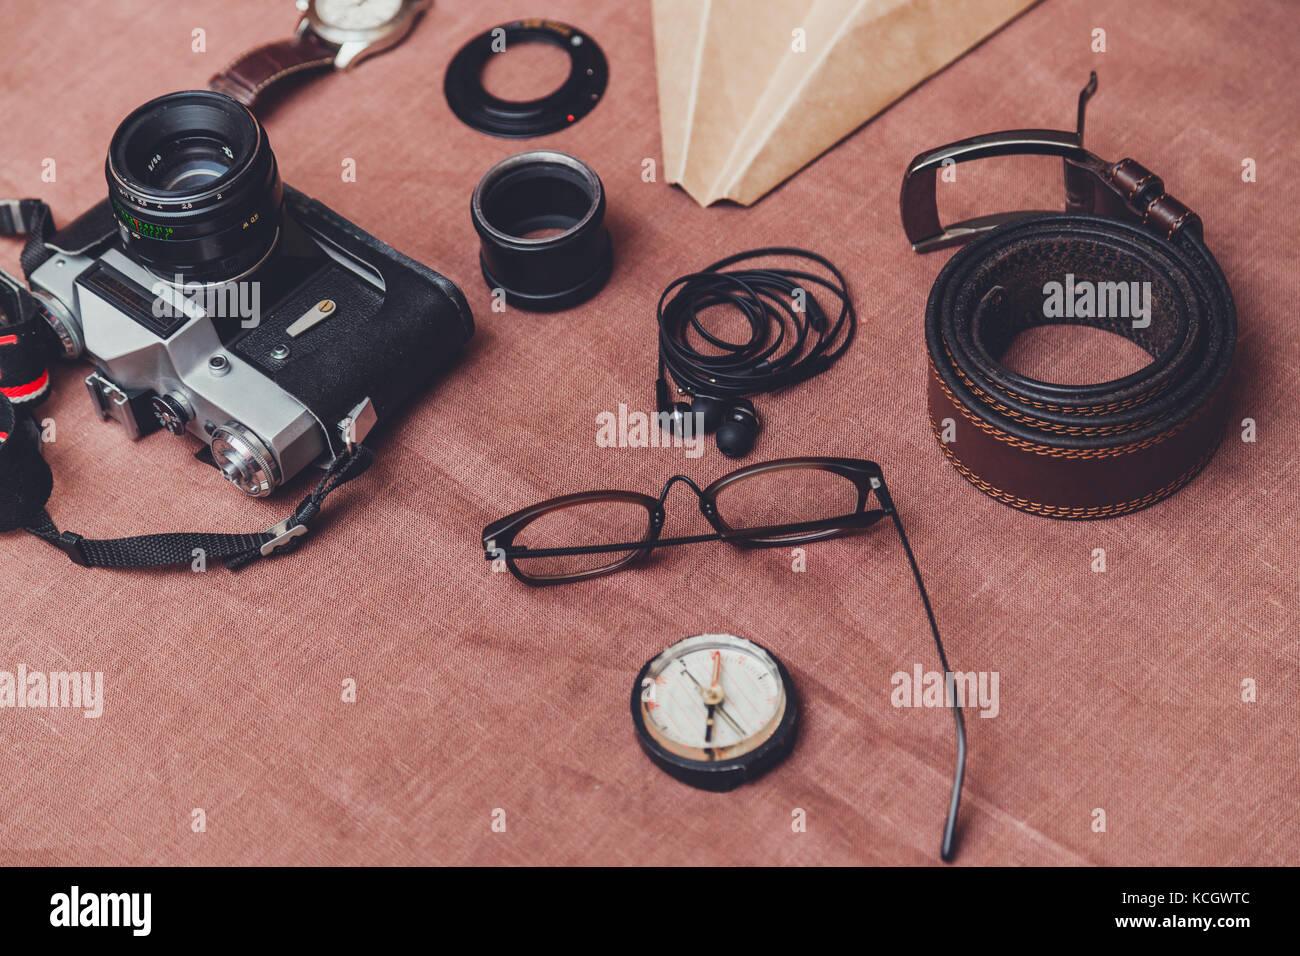 Accessoires pour hommes, chaussures, ceinture, lunettes, porte-monnaie, montre, téléphone, l'appareil Photo Stock